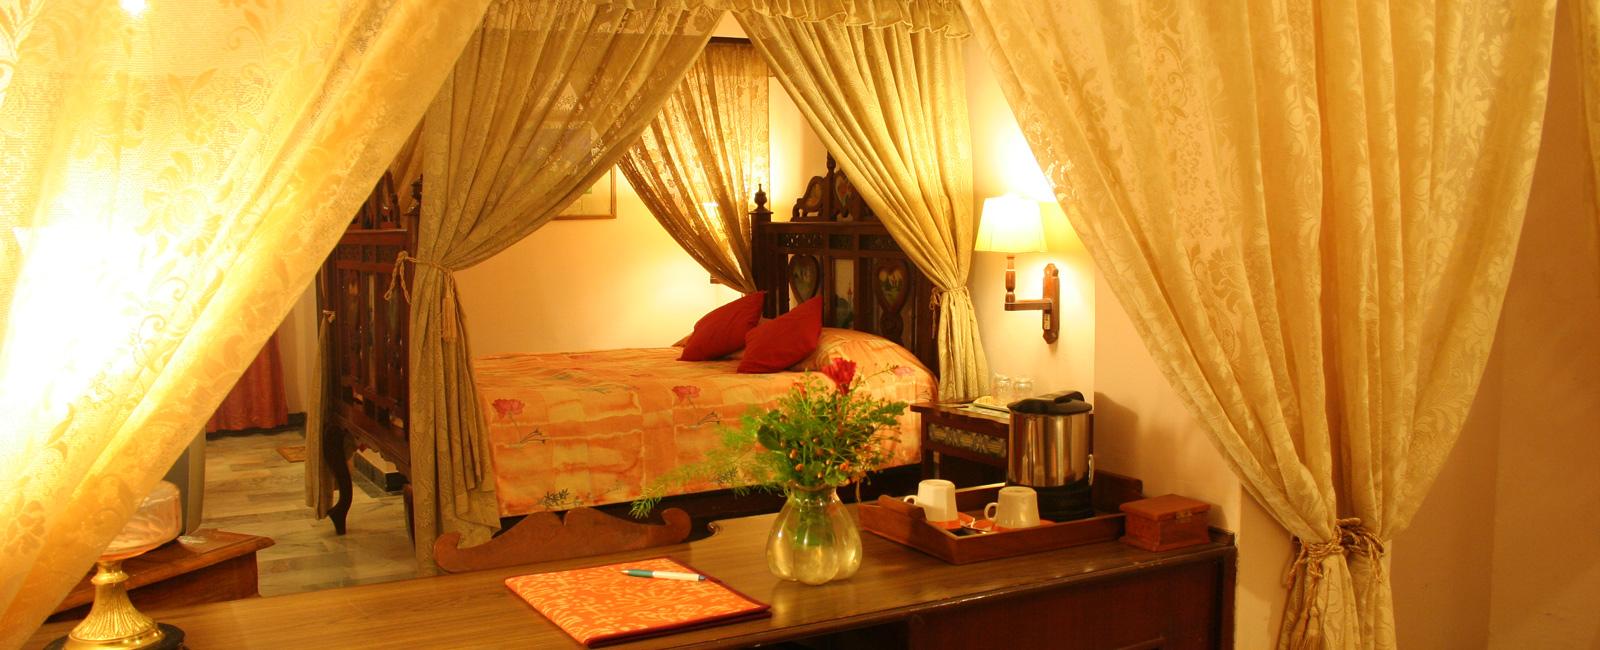 Karni Bhawan Jodhpur A Heritage Hotel in Jodhpur – Karni